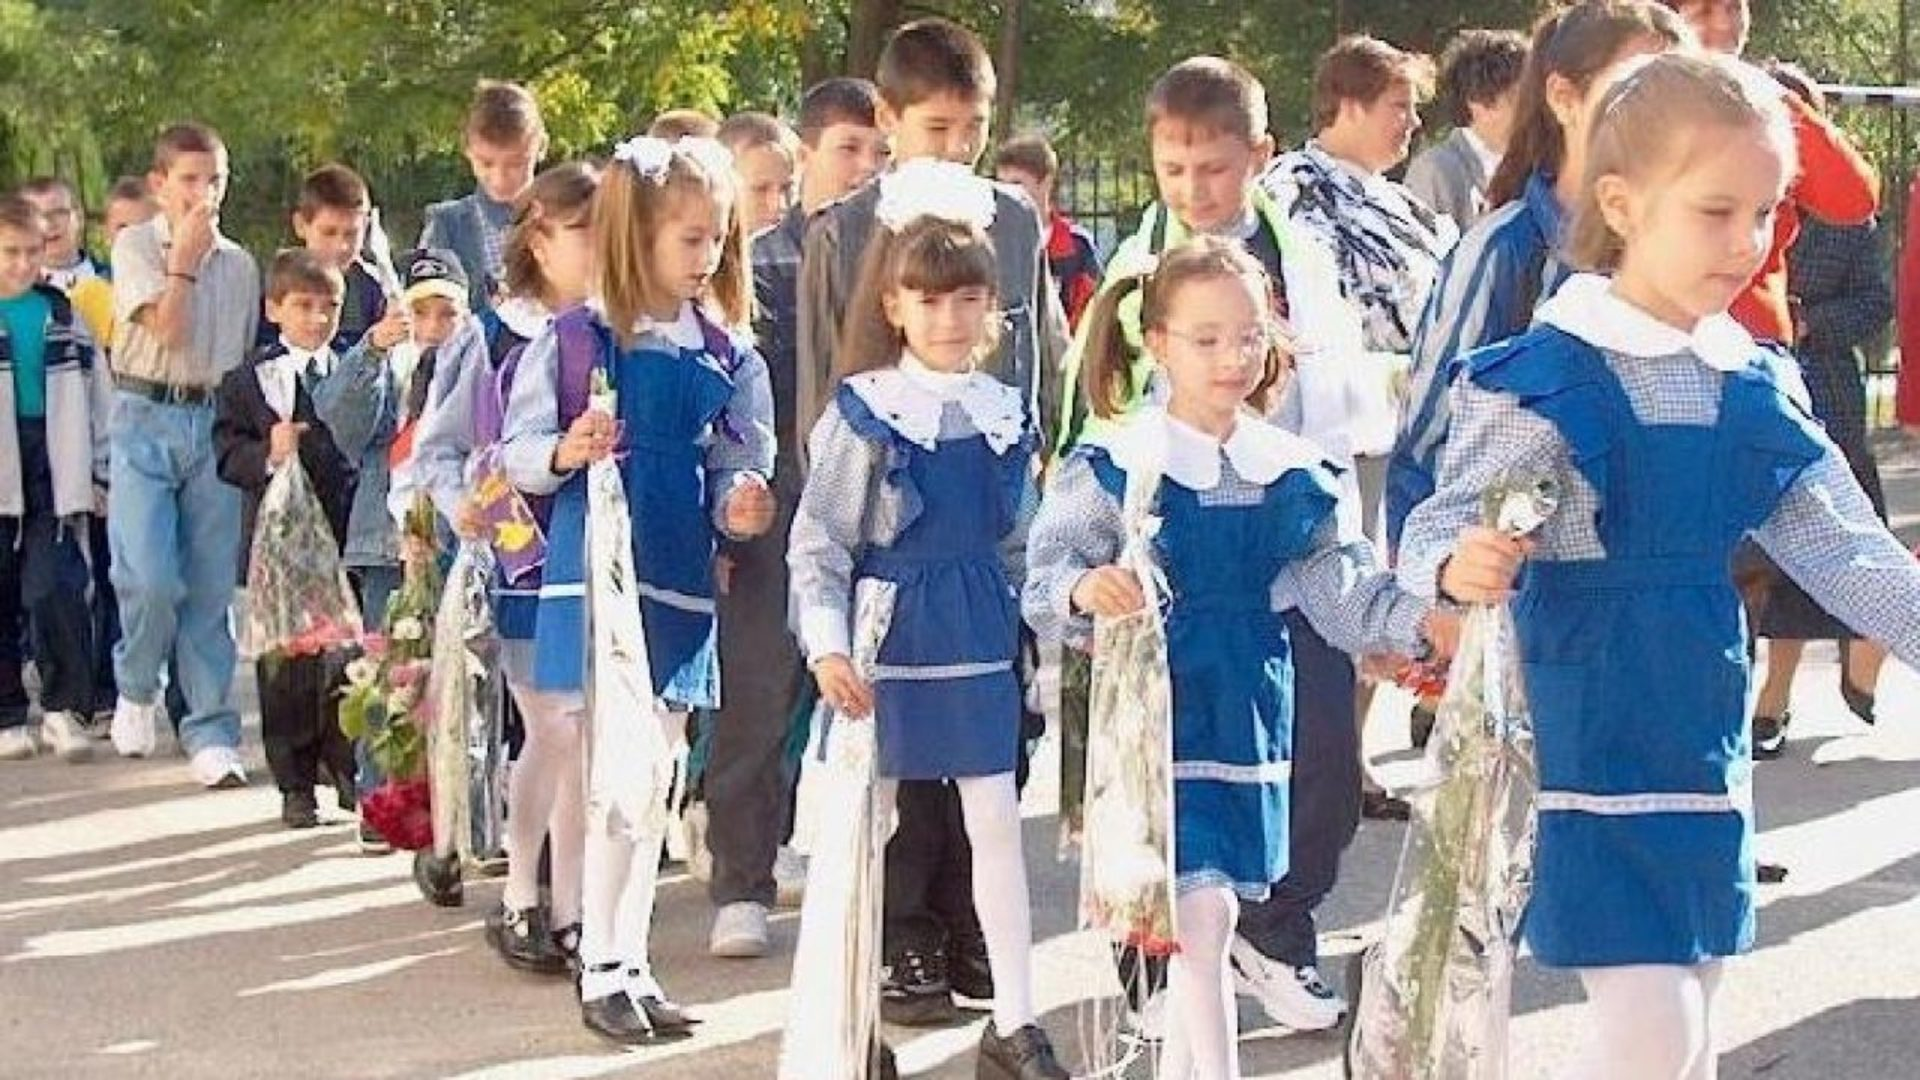 Uniforma devine obligatorie în școli. Câți bani vor primi elevii pentru a o achiziționa